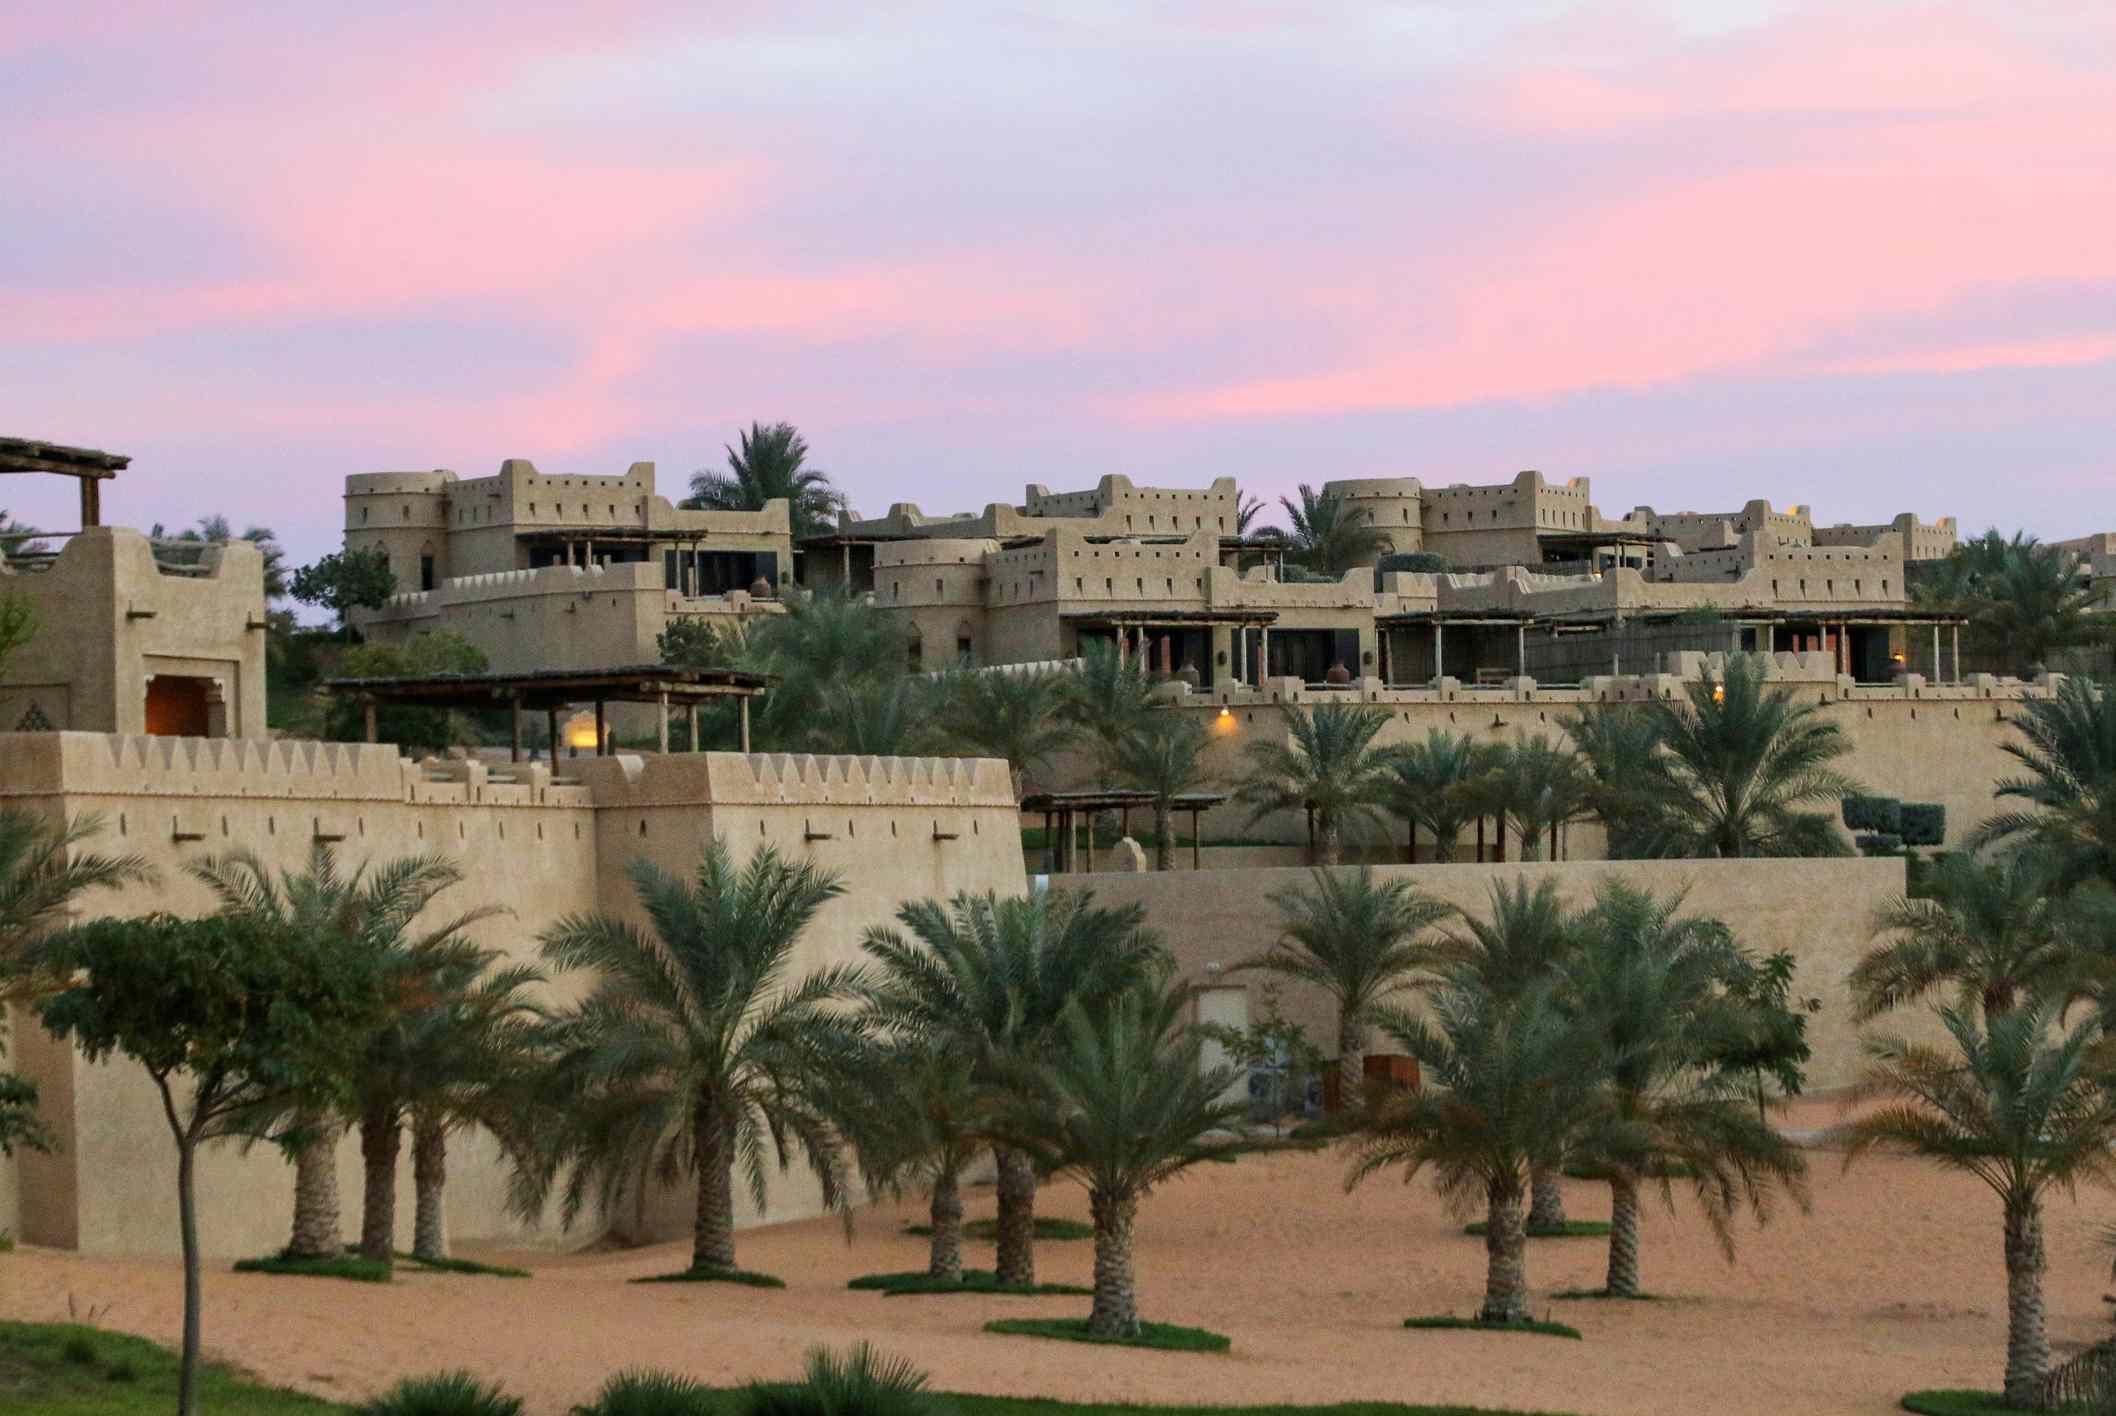 Qasr al Sarab at the edge of the Rub' al-Khali desert in the south of Abu Dhabi (United Arab Emirates). Qasr al Sarab is a hotel built in a mix of traditional styles.